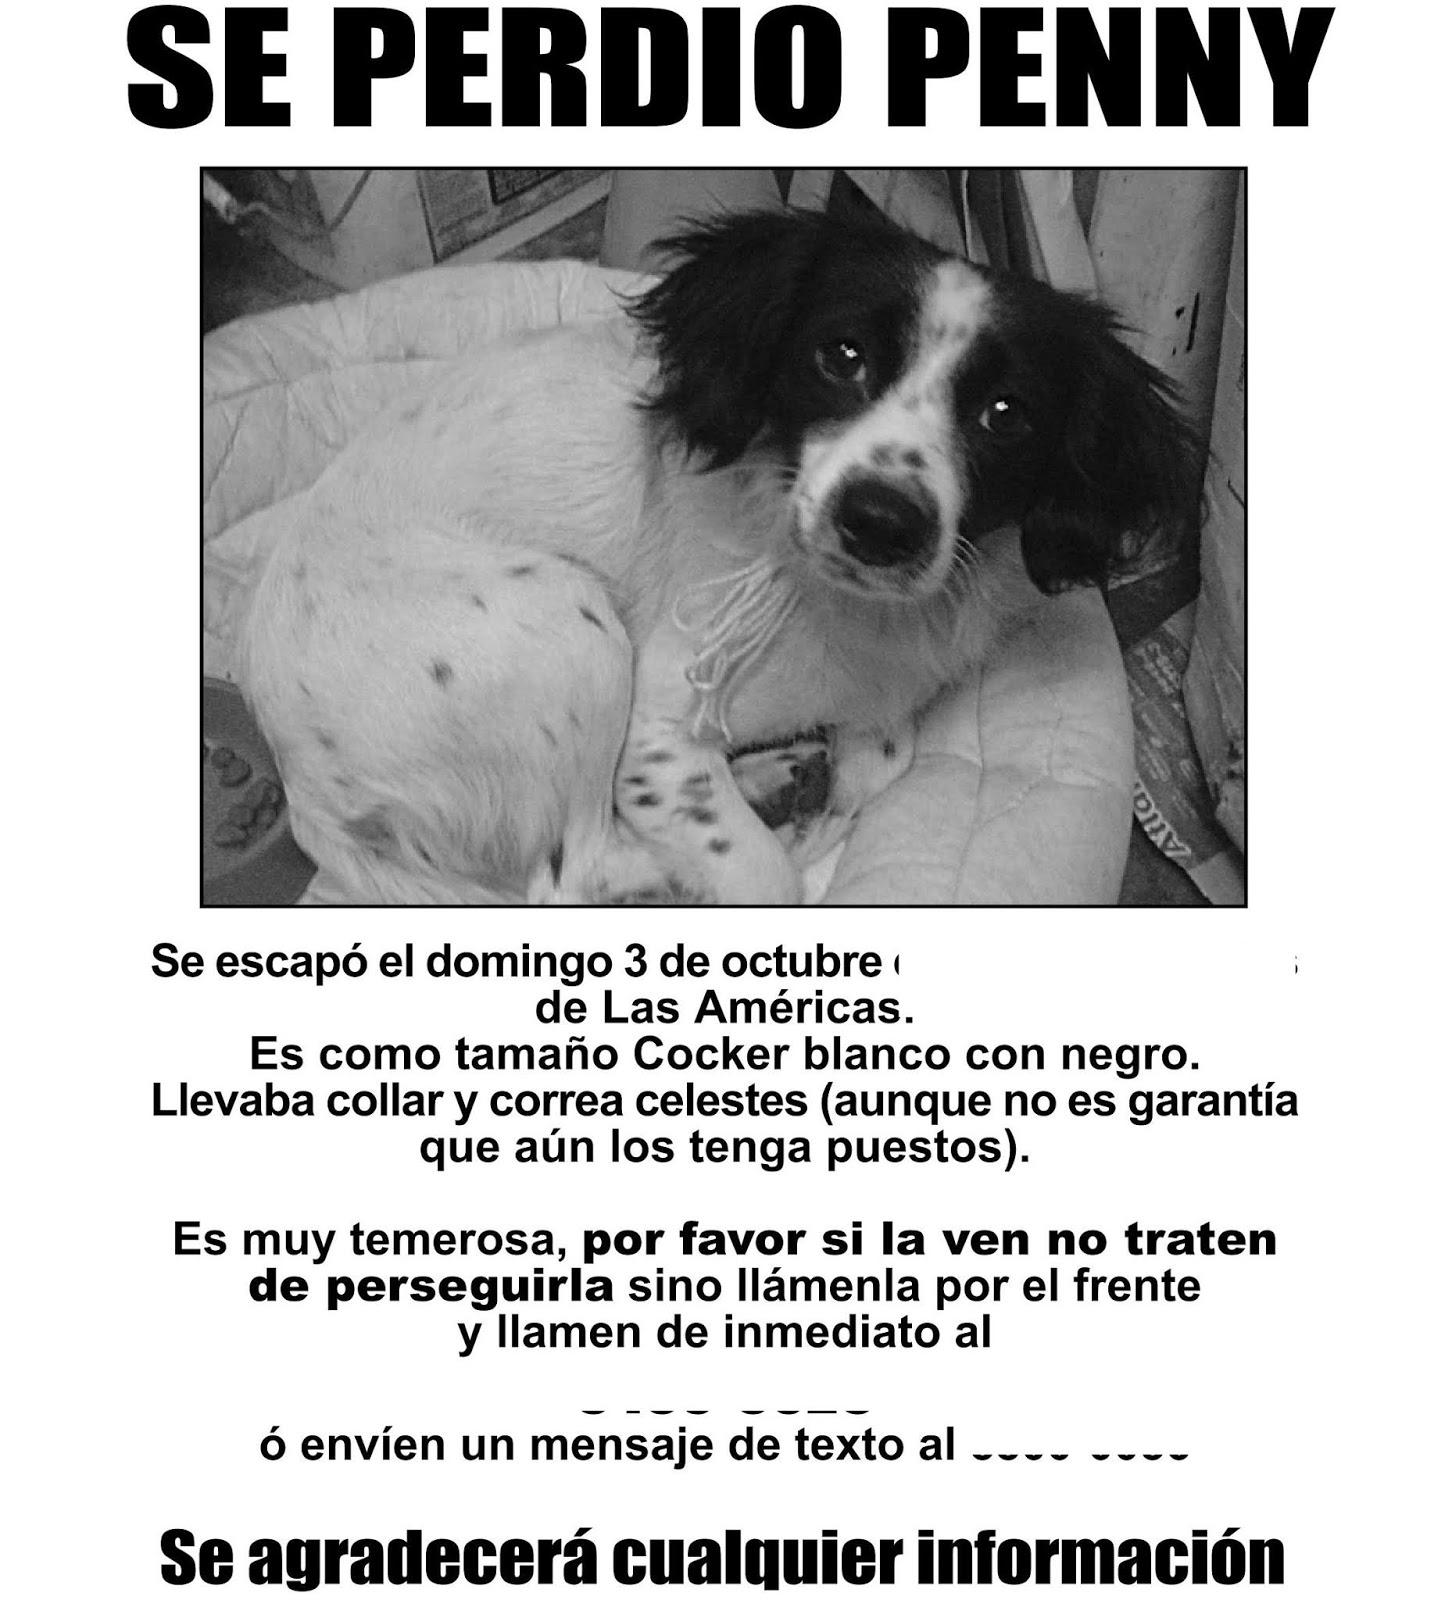 Los avisos de mascotas perdidas sirven para los planes de personas inescrupulosas / WEB REFERENCIAL